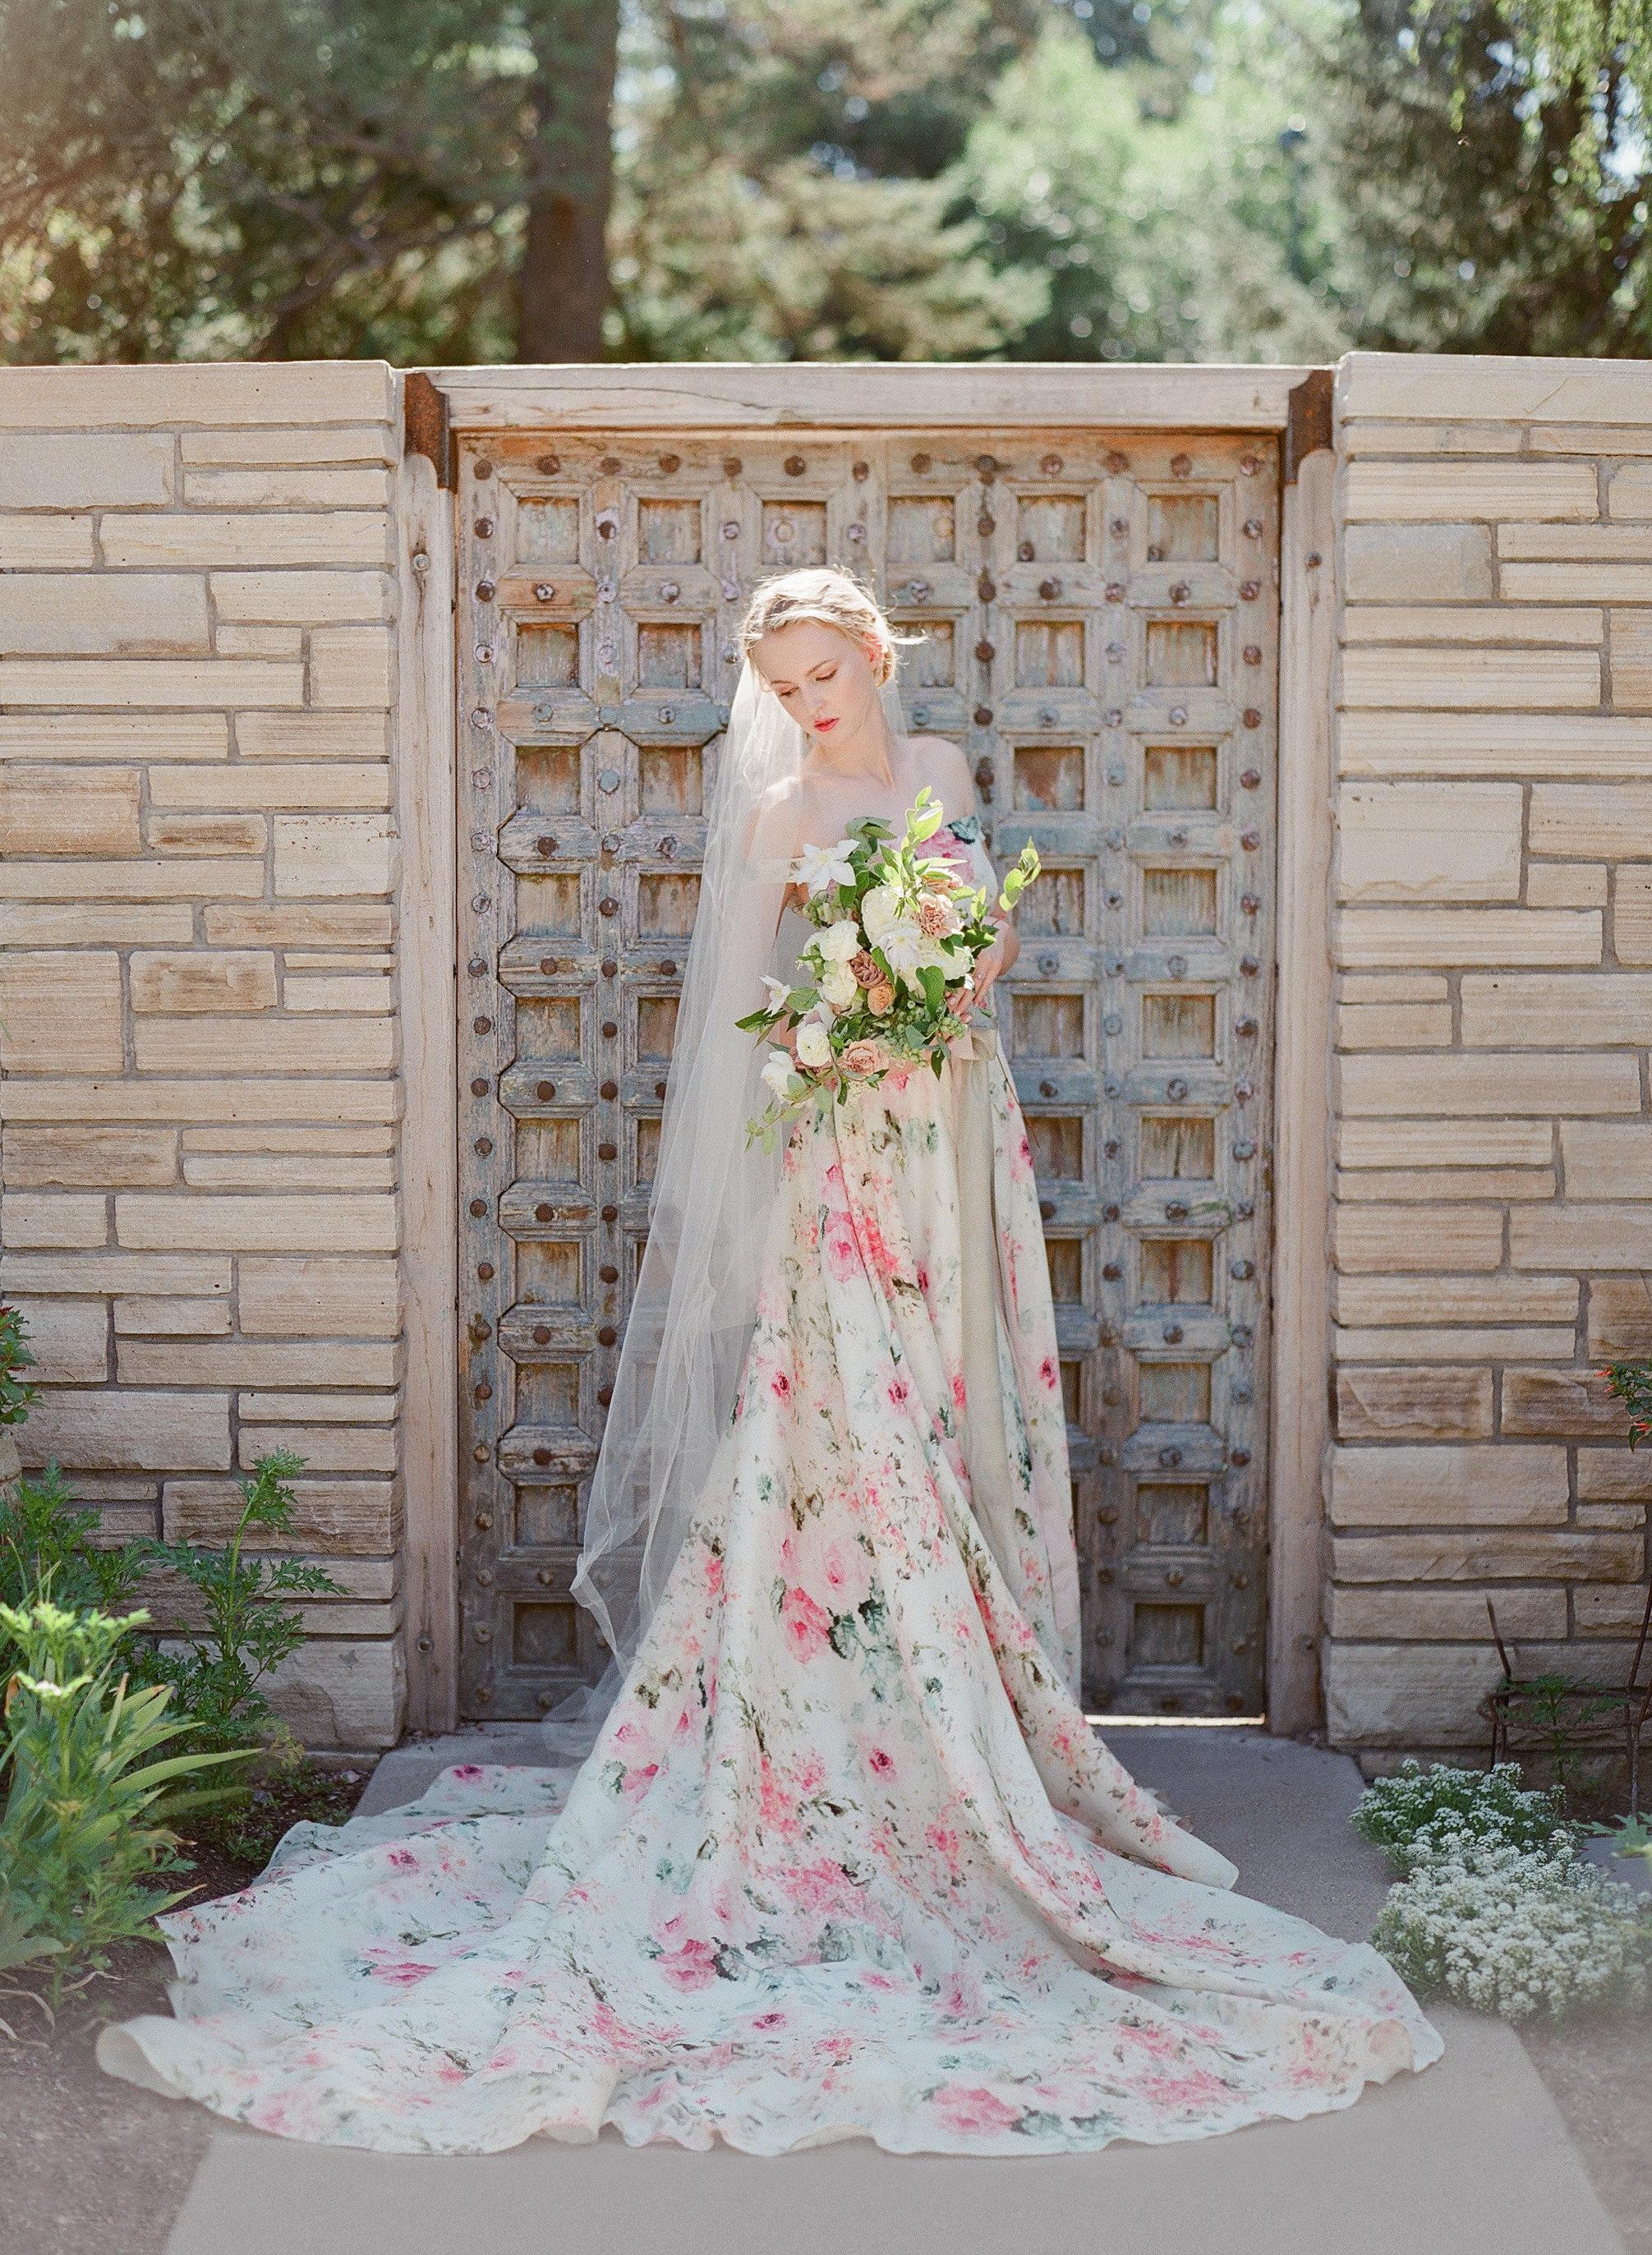 Jaclyn Jordan NY - Carrie King Photographer14.jpg